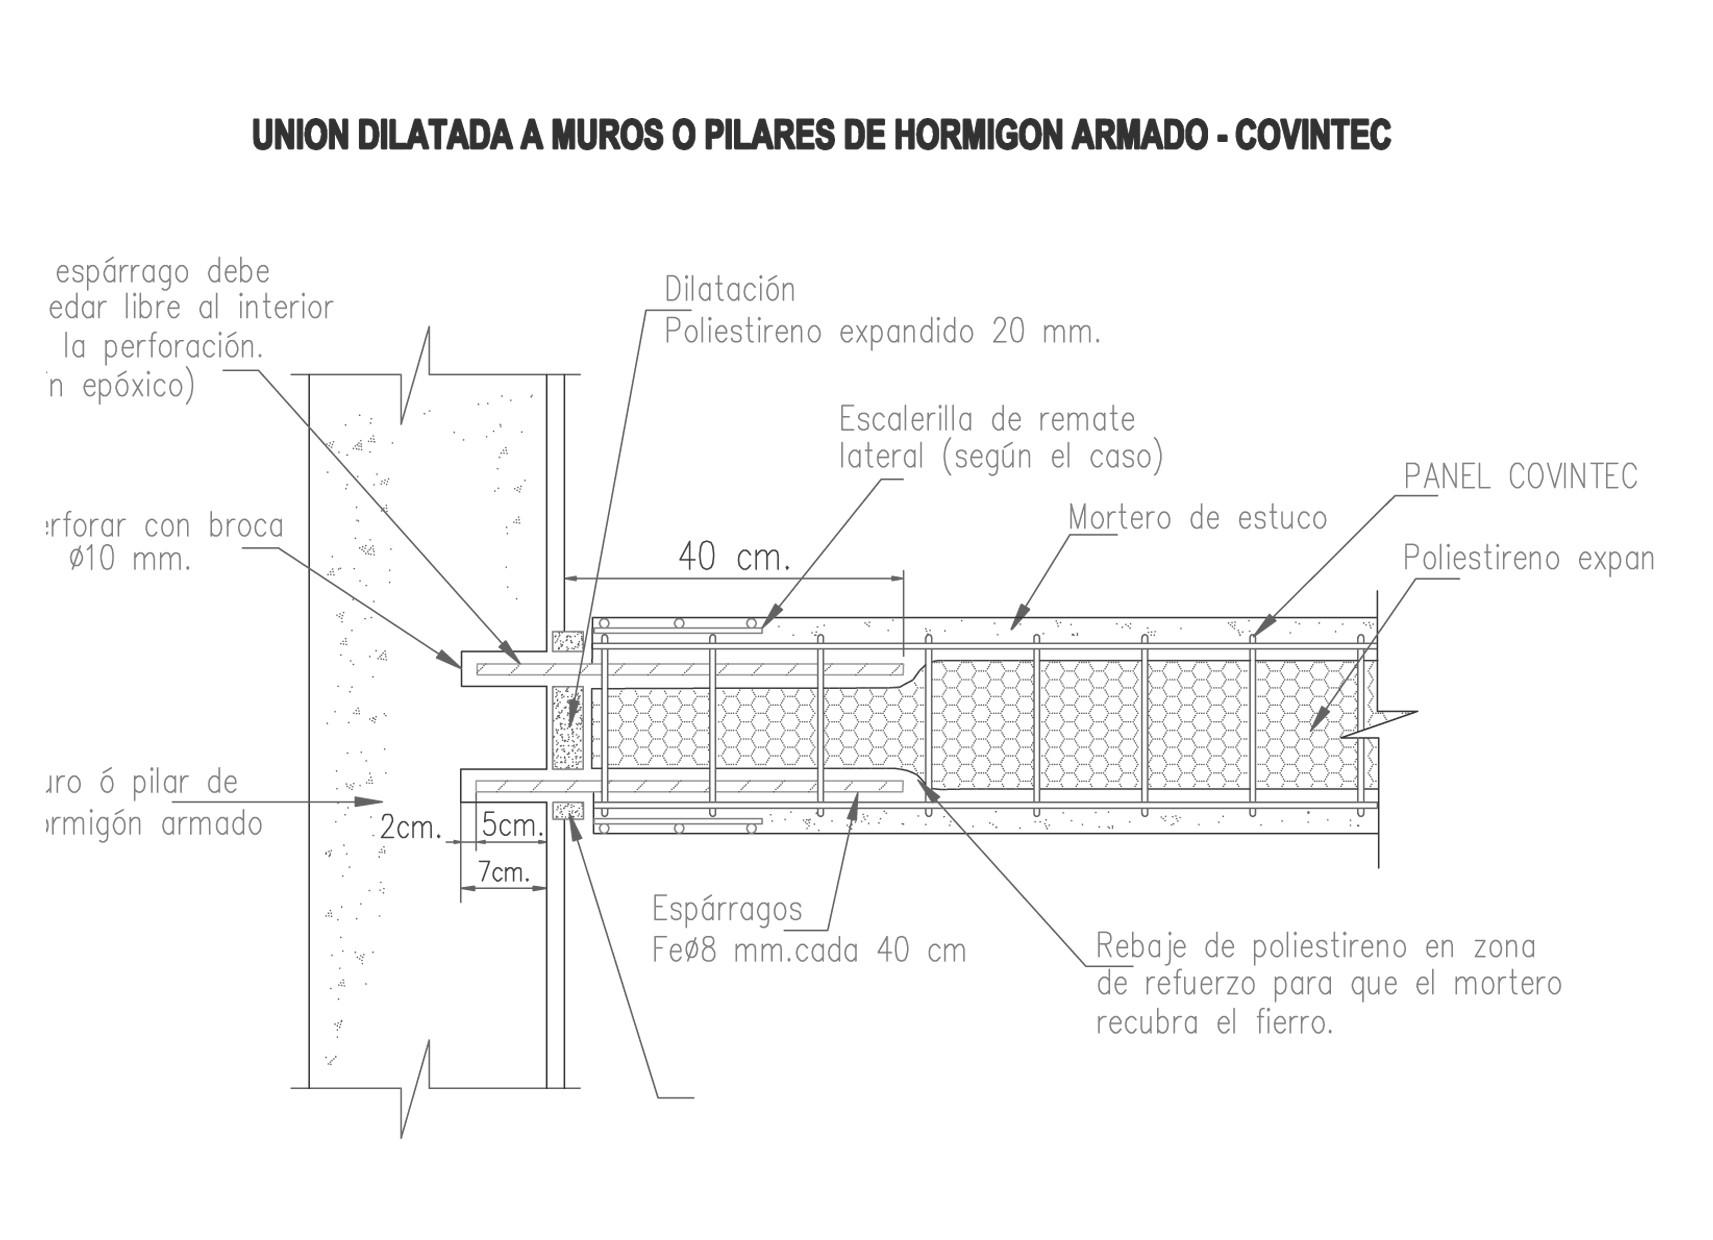 Unión a muros o pilares de hormigón armado